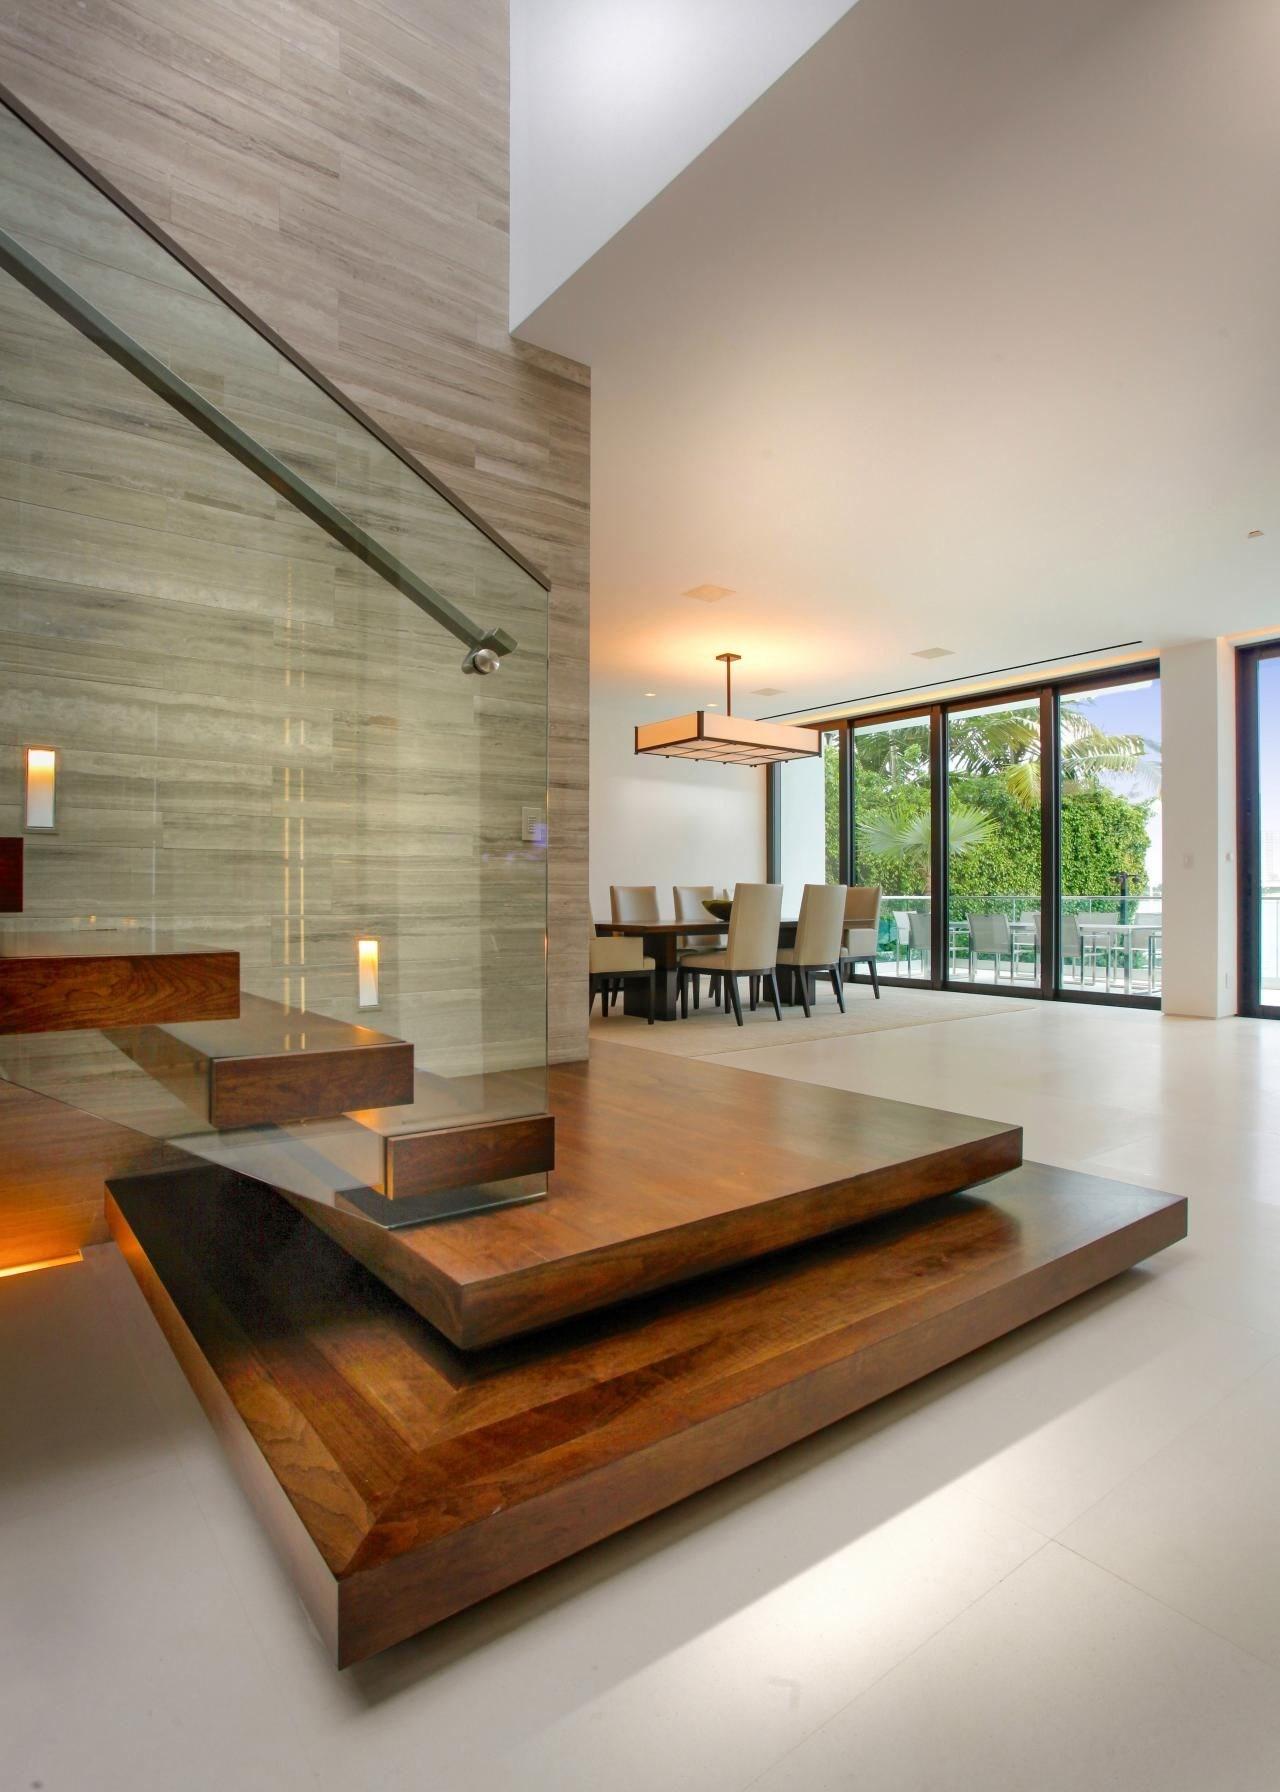 ღღ Modern Staircase With Floating Wood Steps Glass | Wooden Stairs Railing Design With Glass